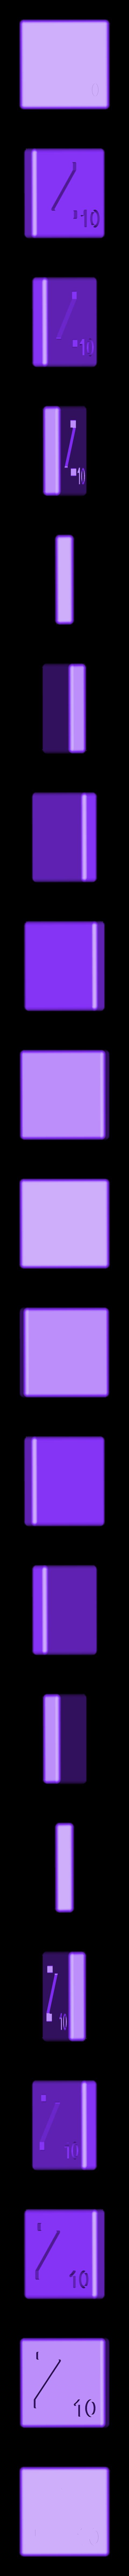 Dual_Shell_Z.STL Télécharger fichier STL gratuit Pièces et support SCRABBBLE • Design pour imprimante 3D, Balkhagal4D